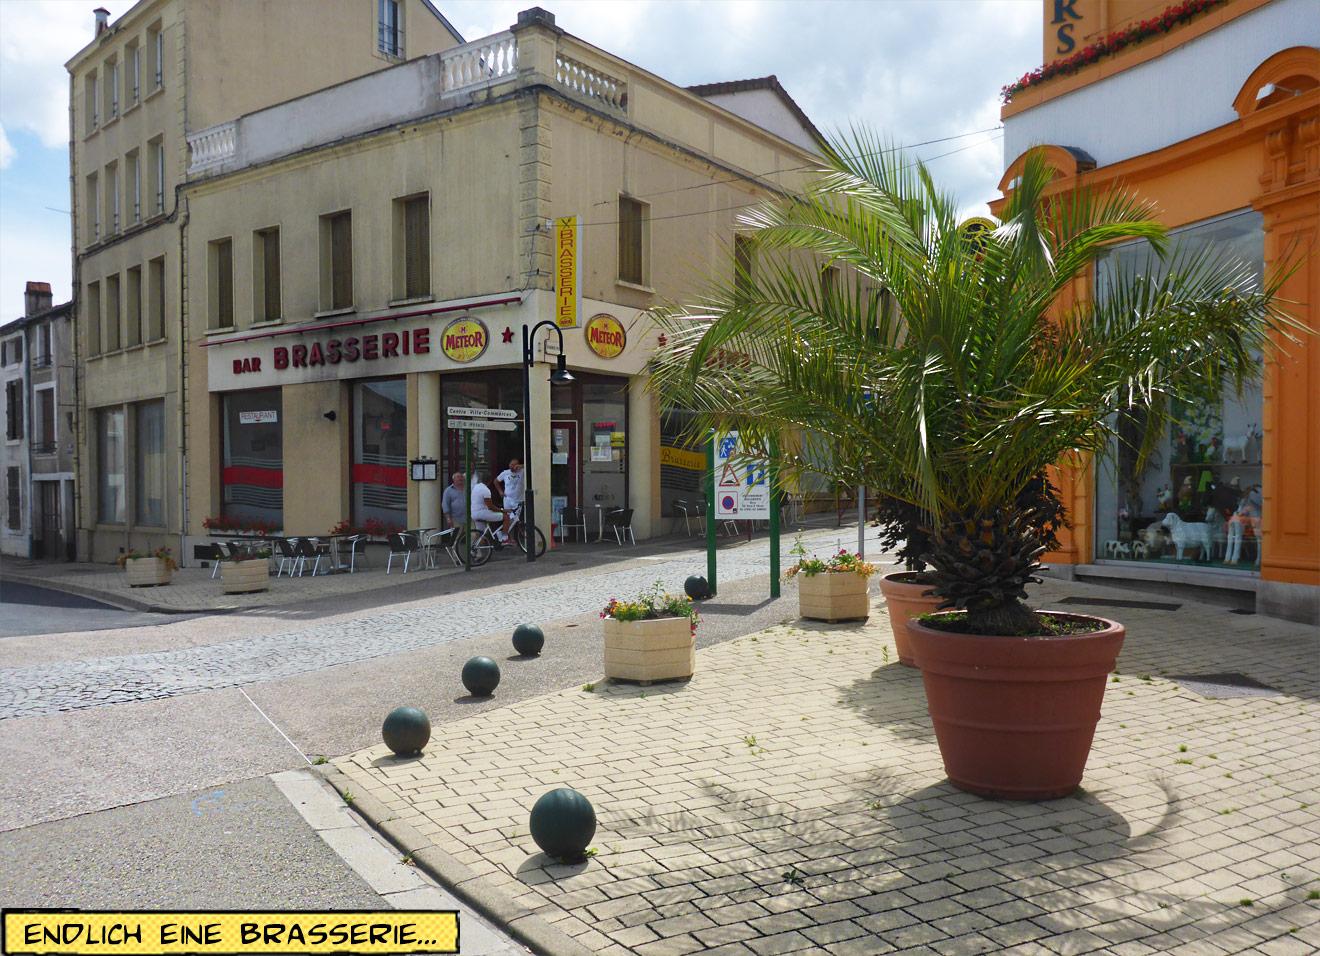 Bar Brasserie Bourbonne-les-Bains